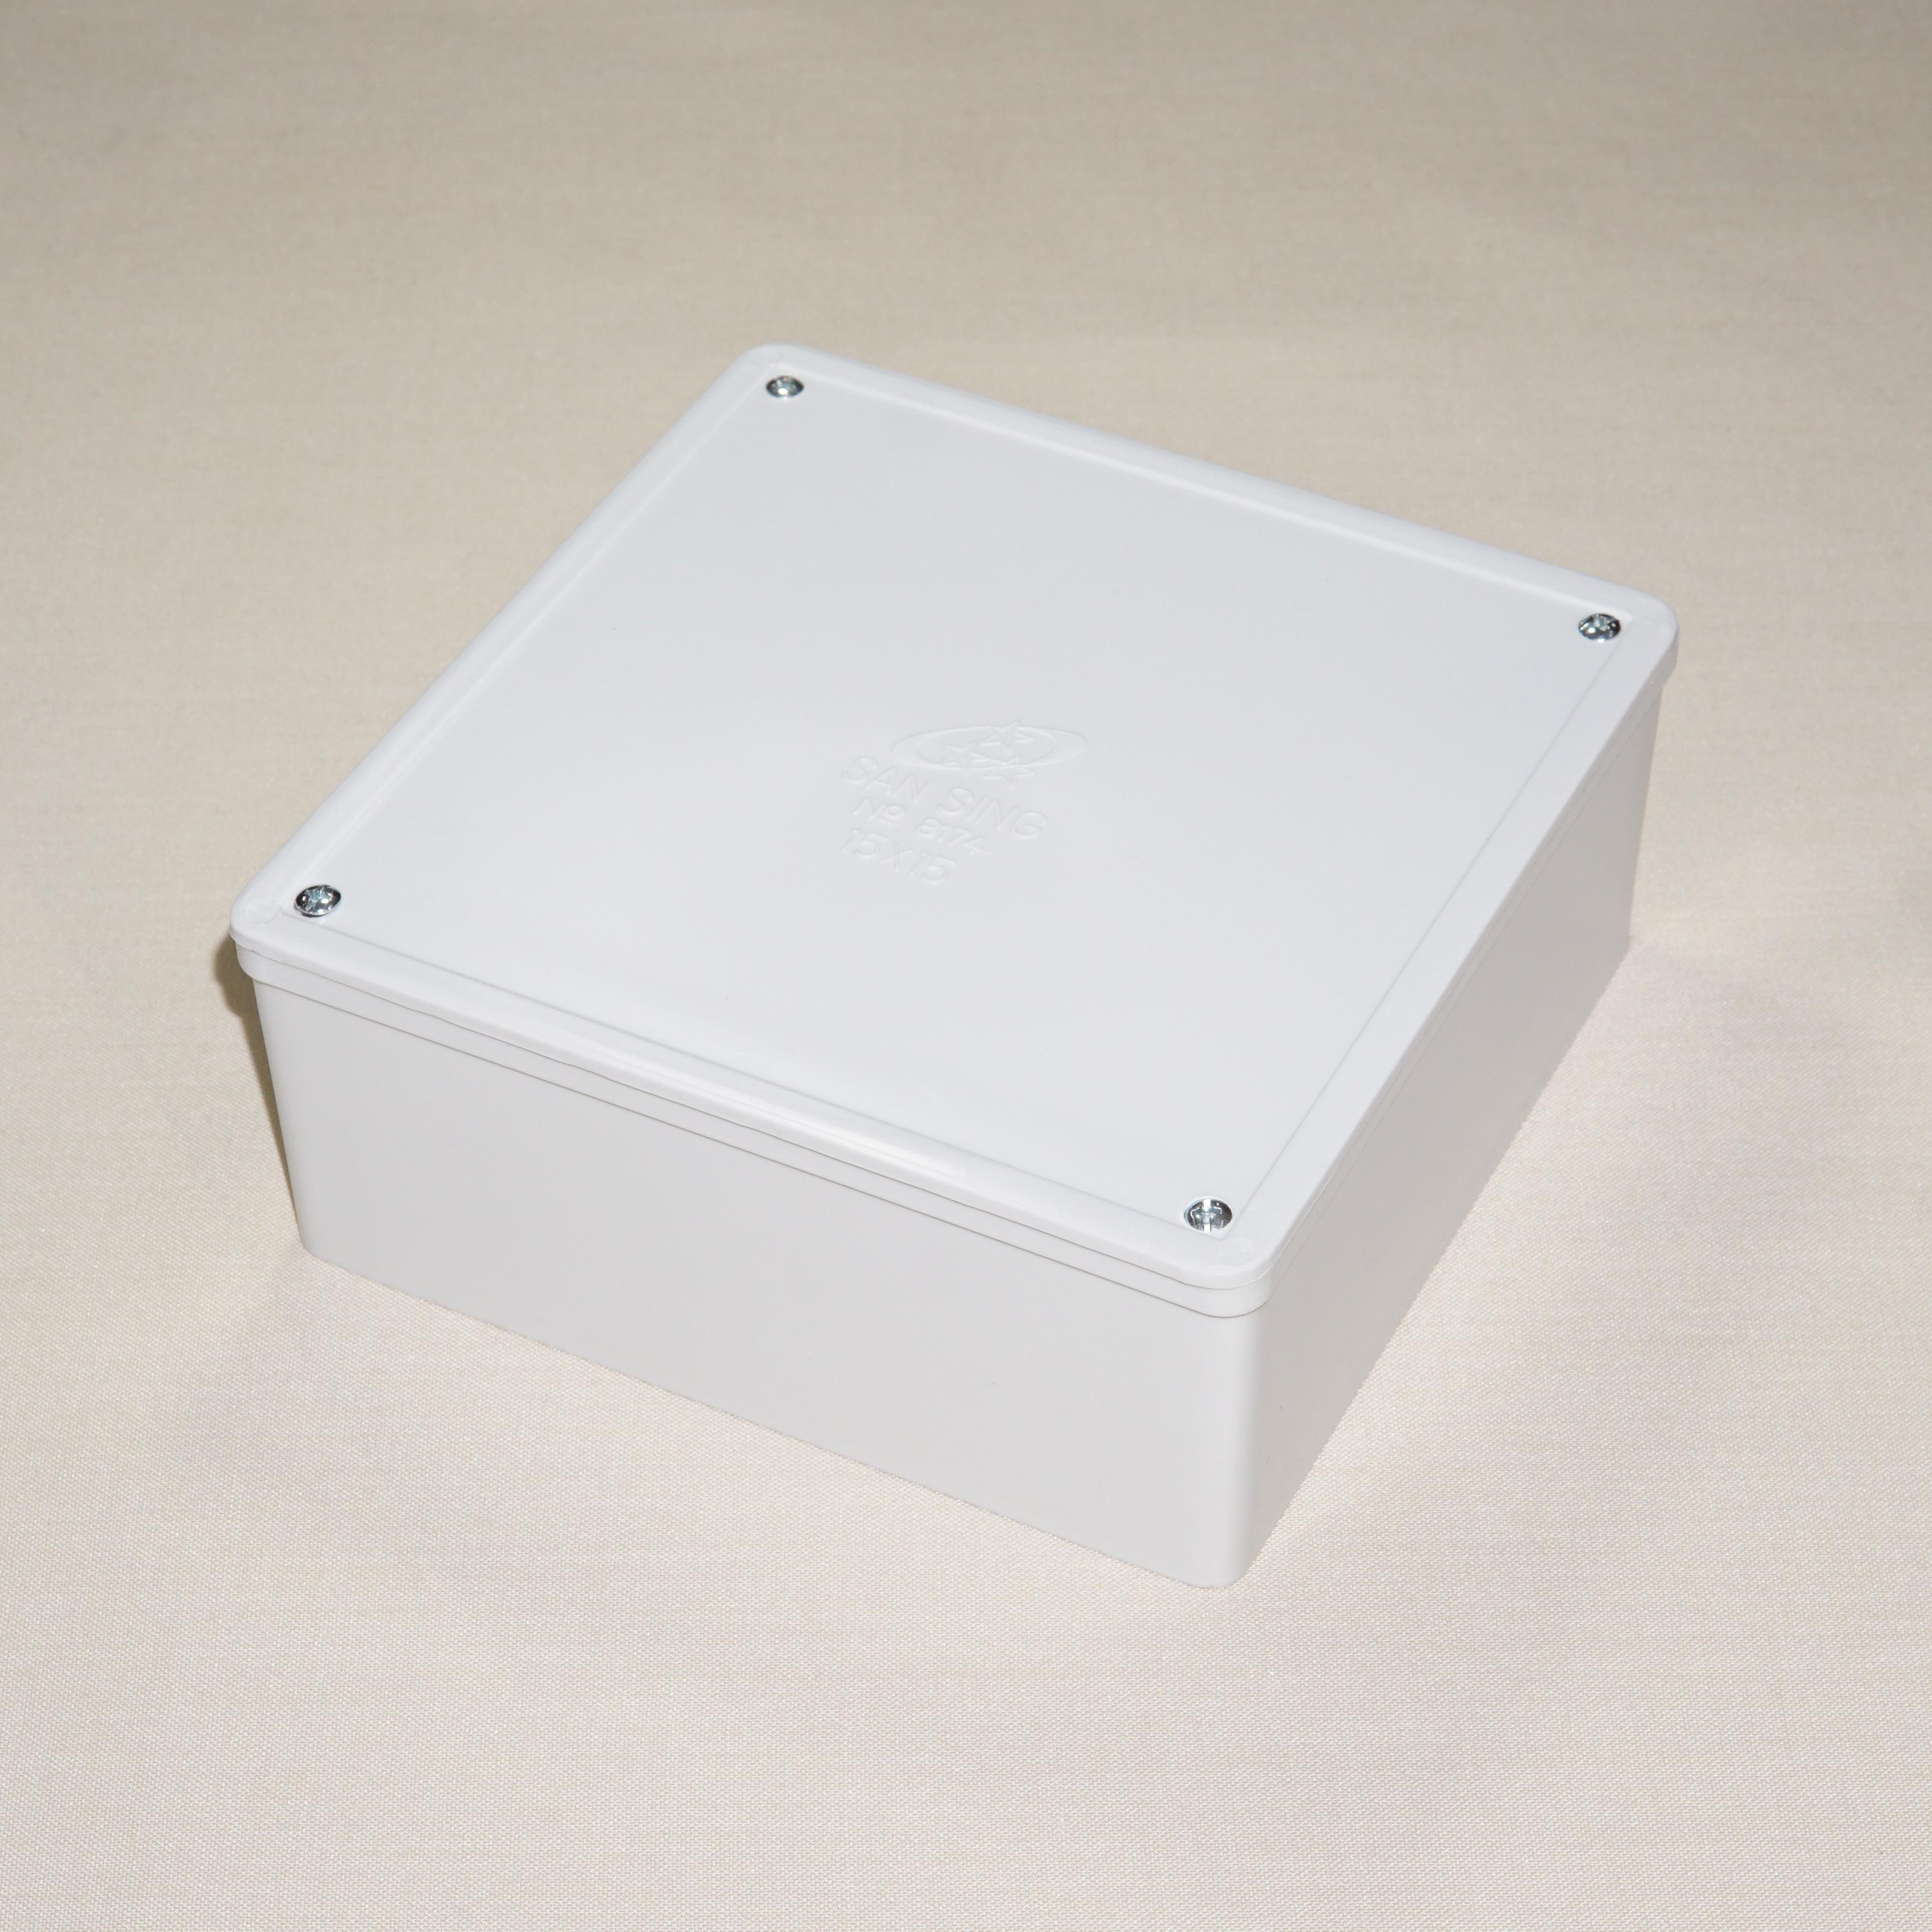 Hộp vuông nối dây <br> (150x150x60)mm